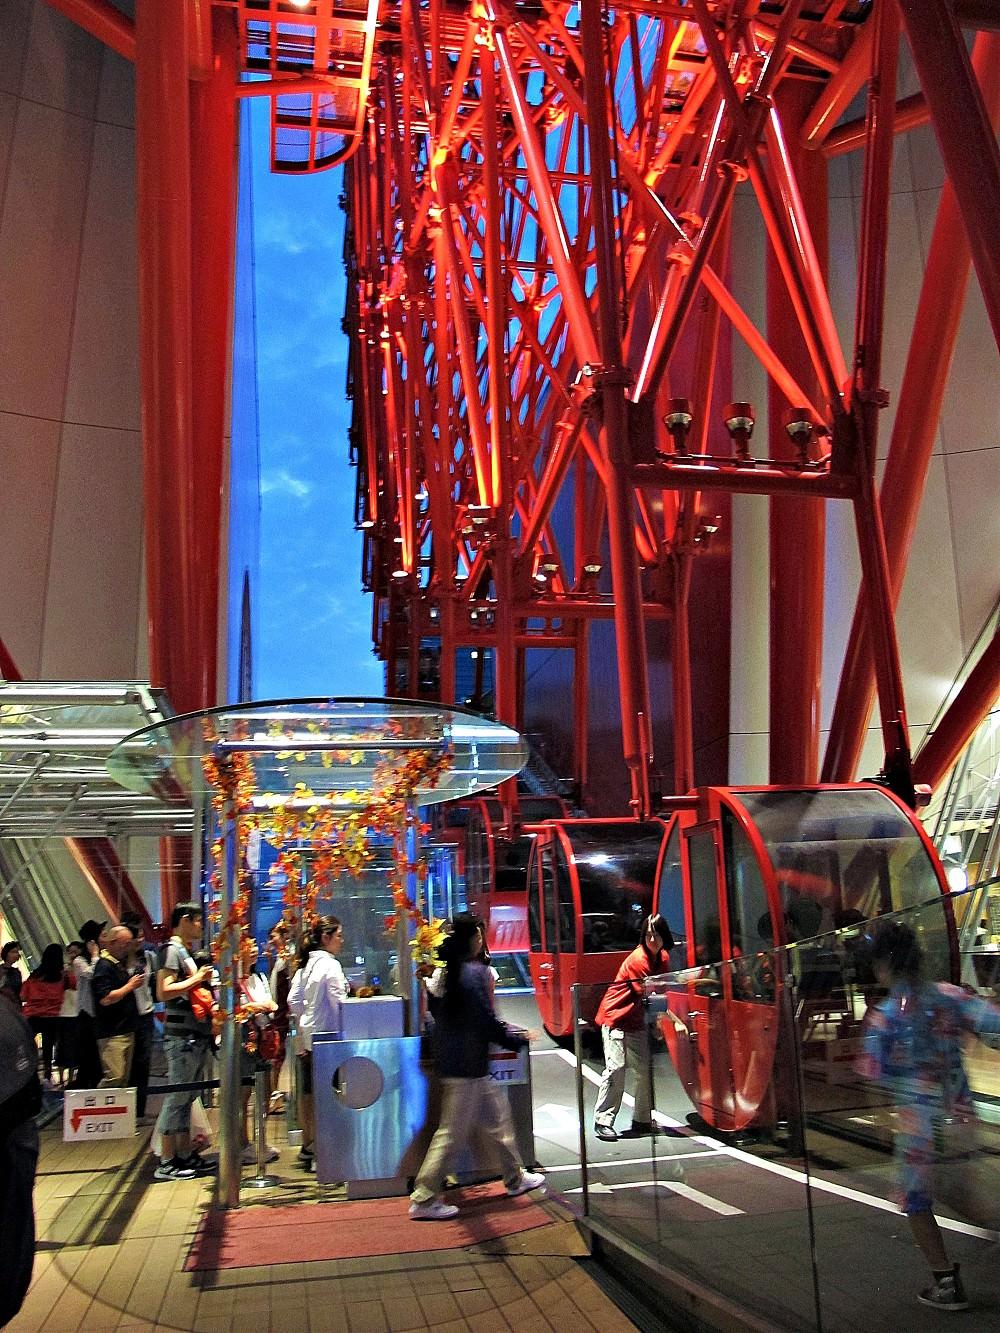 HEP FIVE 摩天輪:必去!大阪周遊卡免費景點,紅色亮眼,日落夜景好迷人!